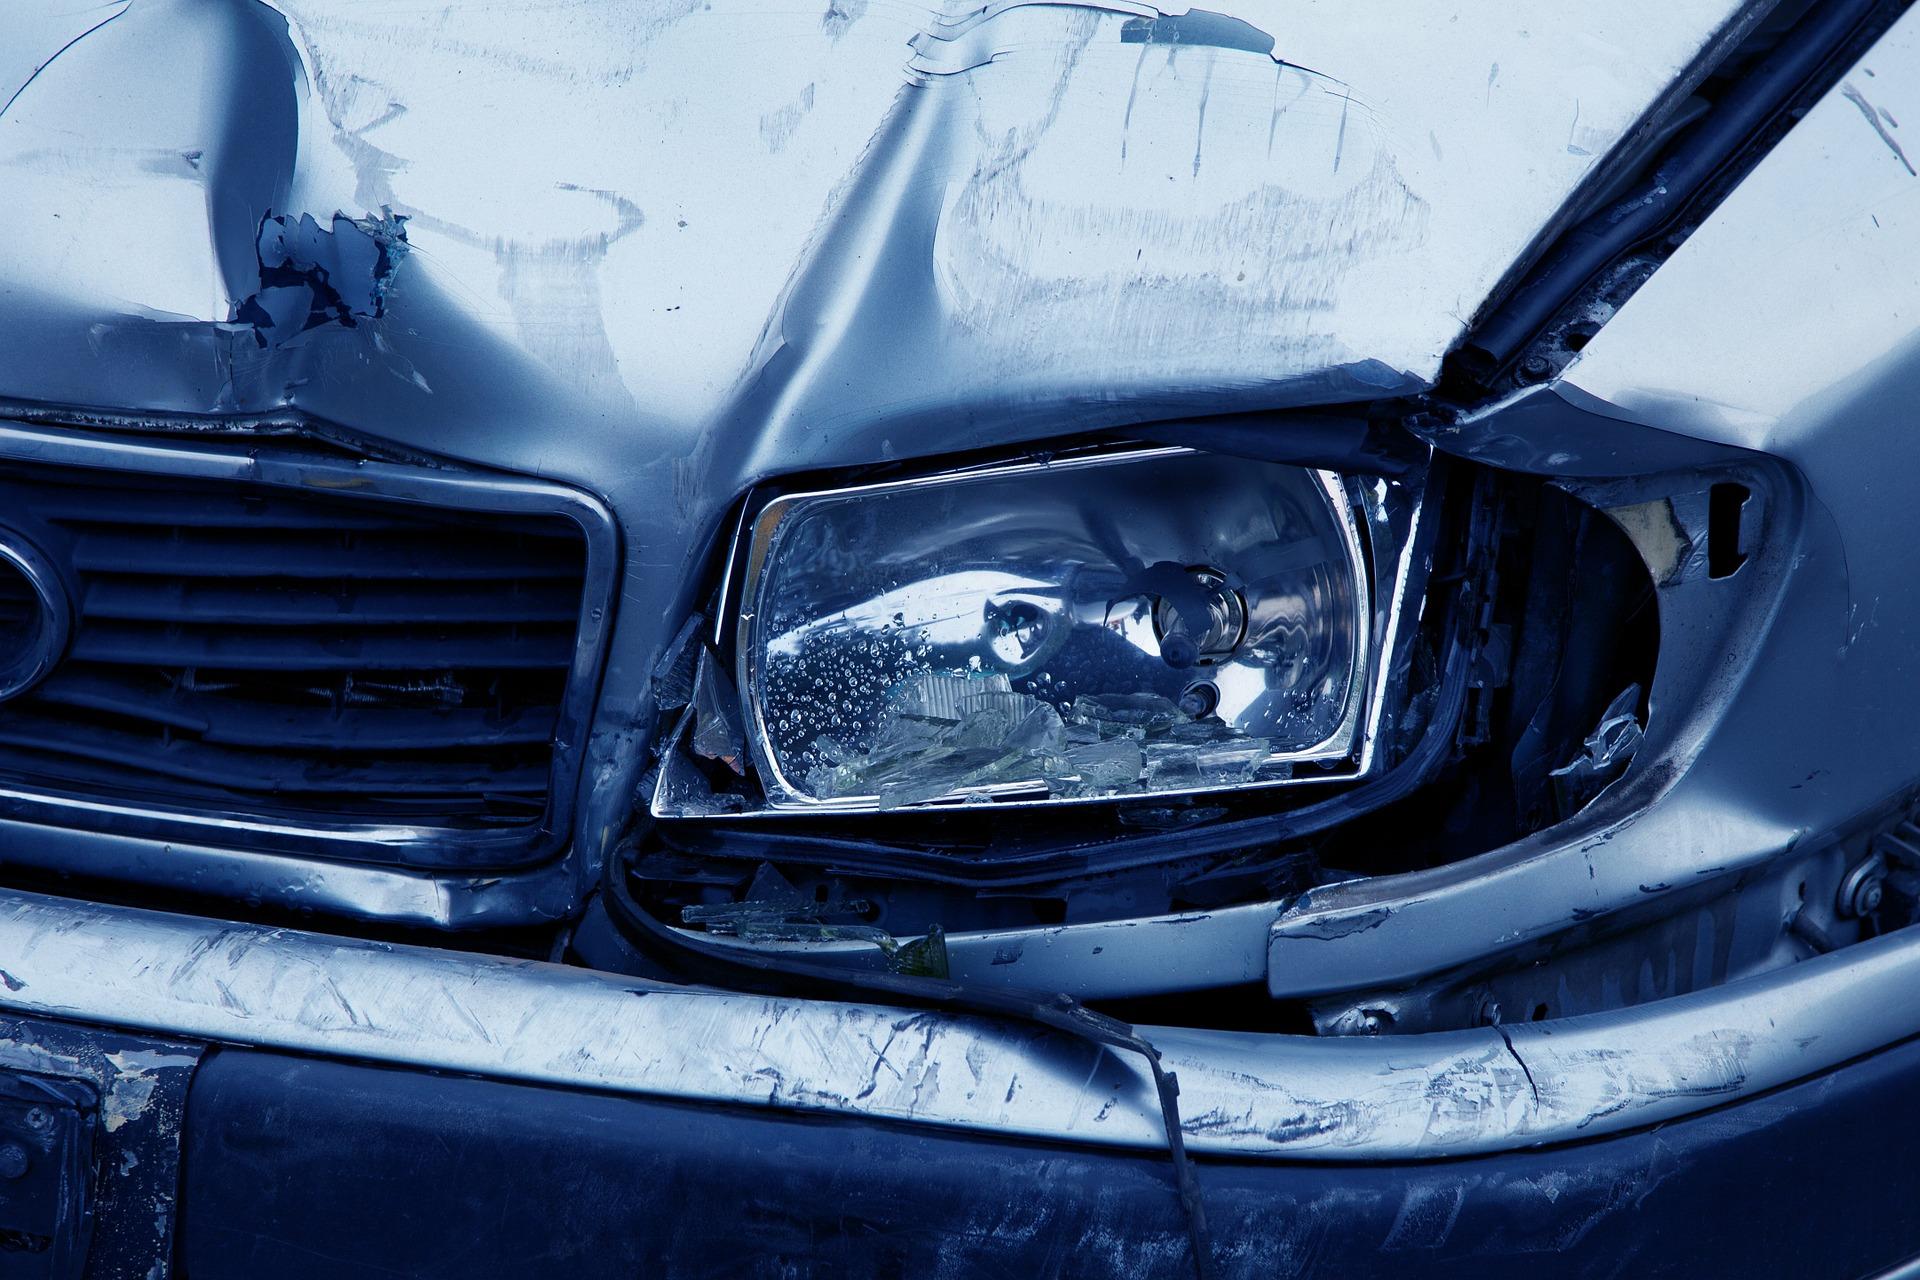 Forsikringsskader - Få dem lavet hos Bruhns biler - Mekaniker i Øsby